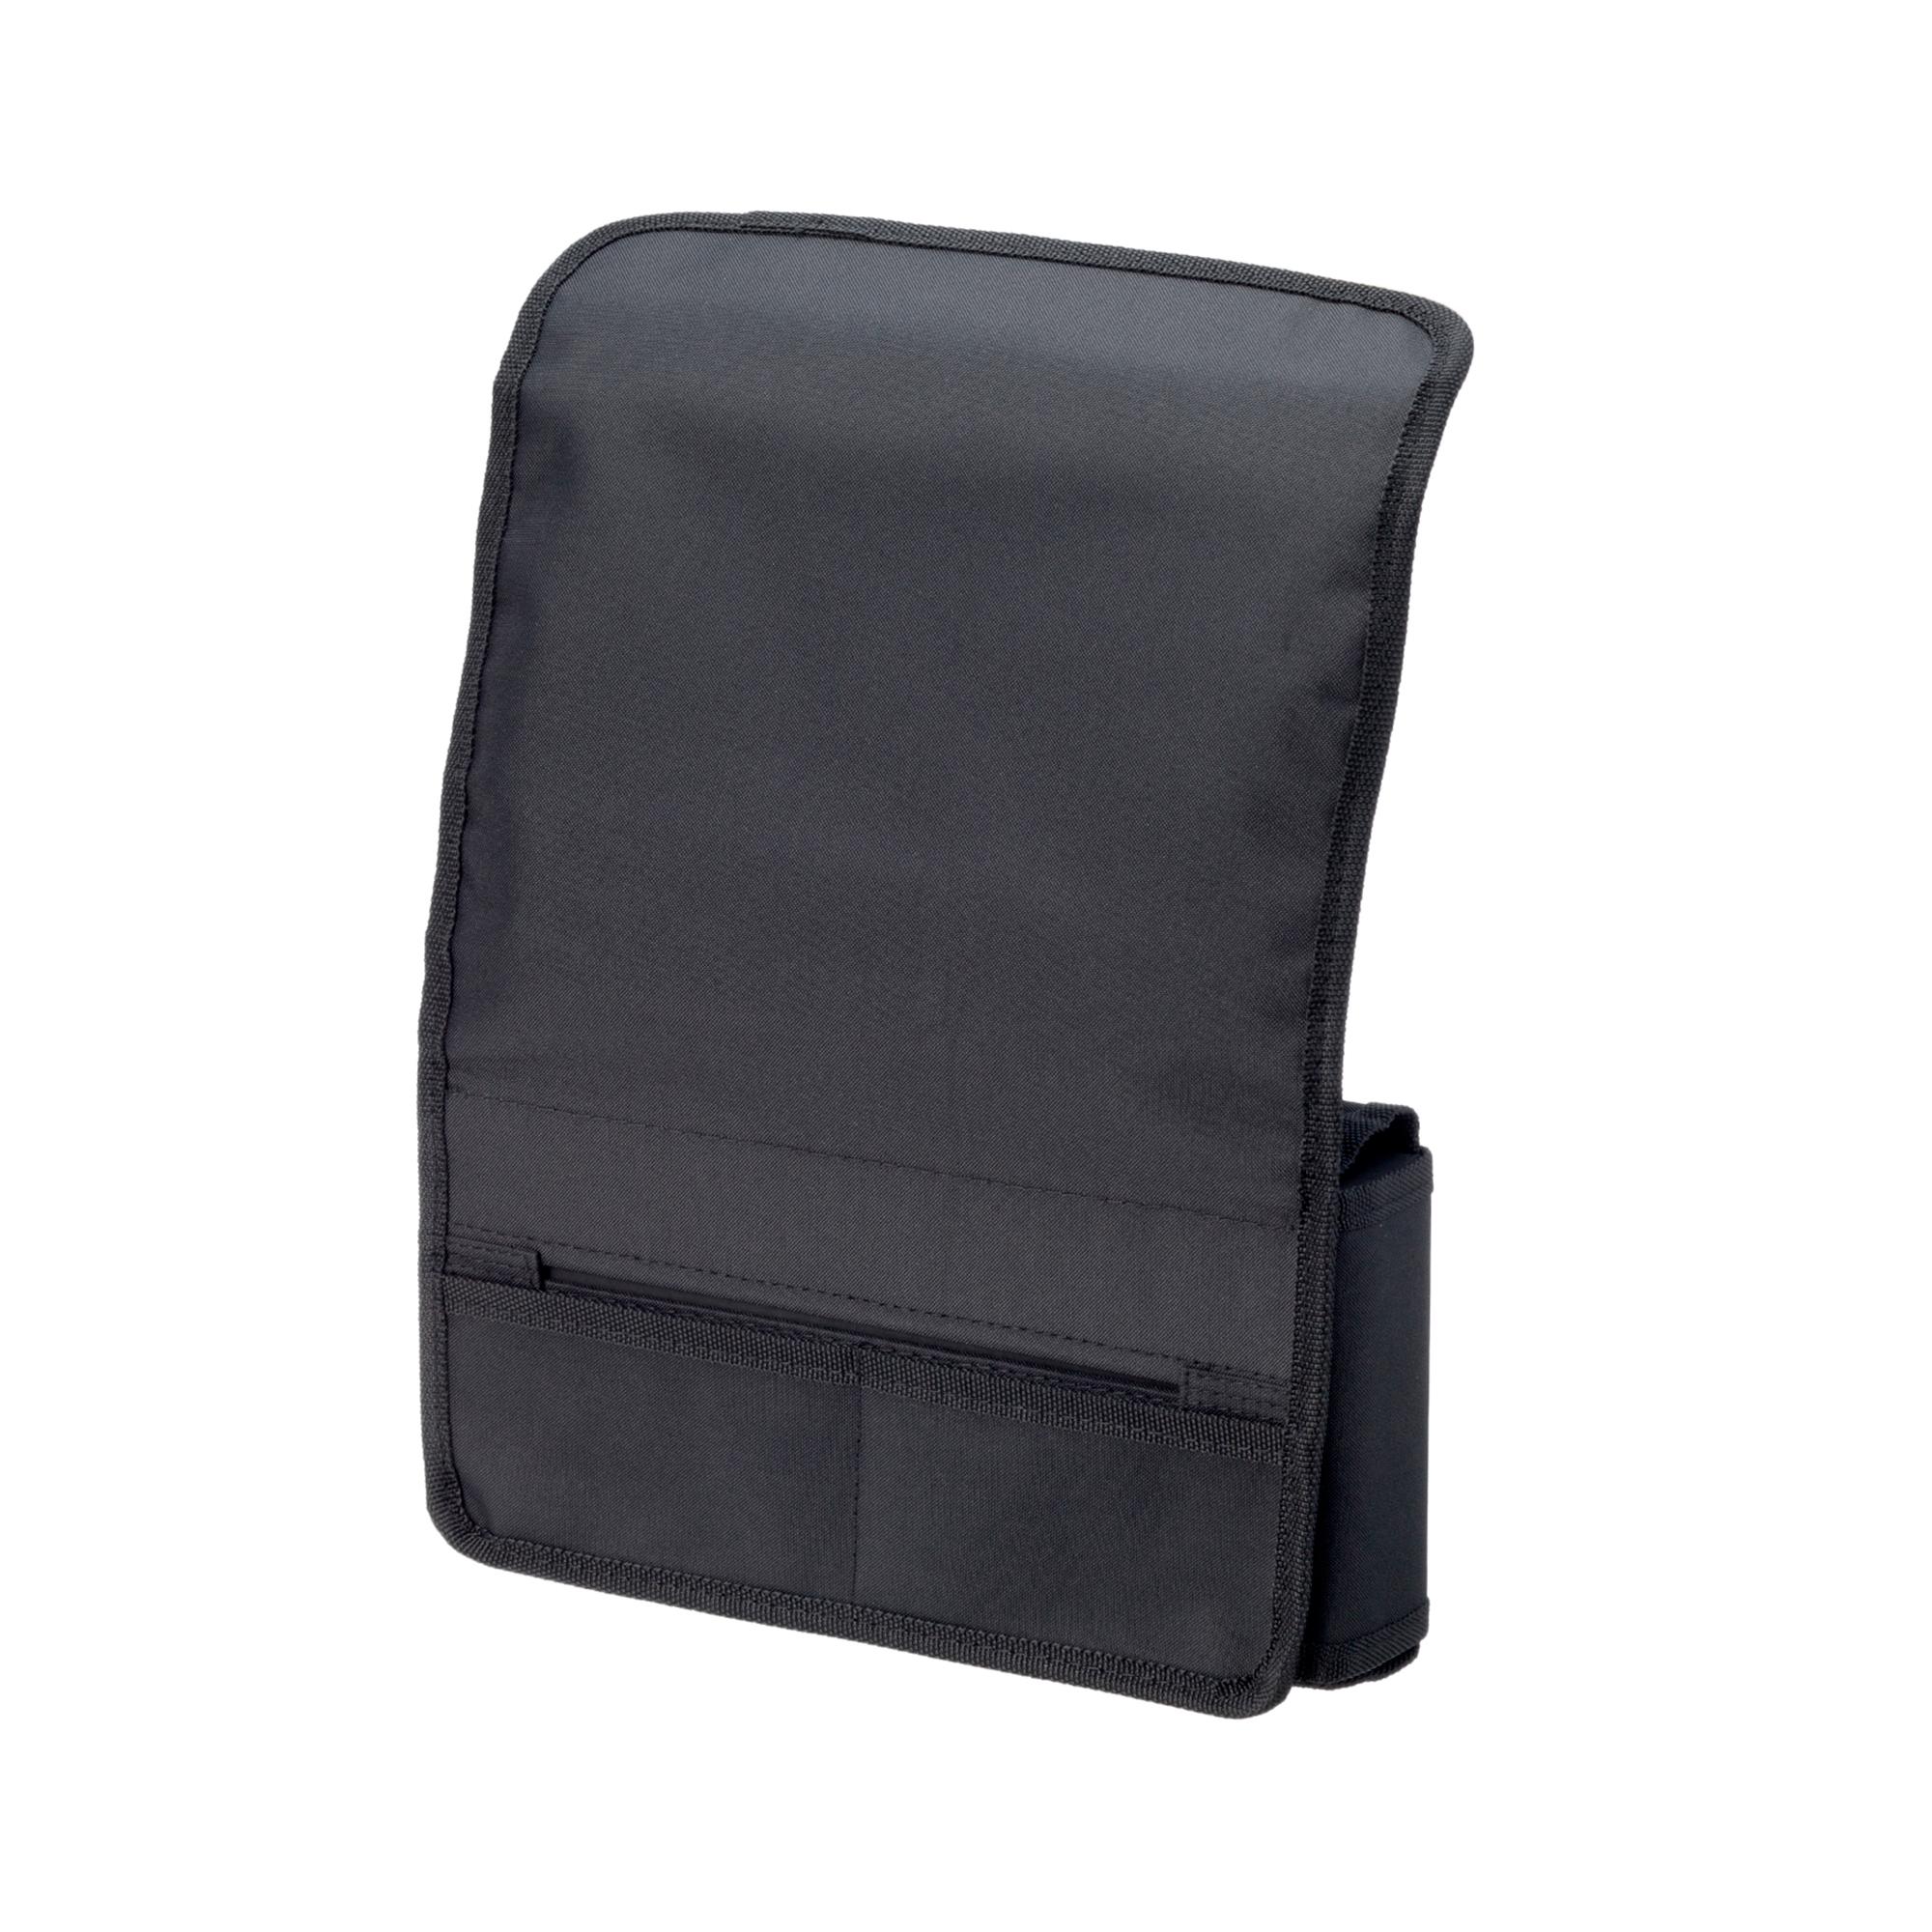 กระเป๋าอเนกประสงค์ สำหรับรถที่มีที่เท้าแขน